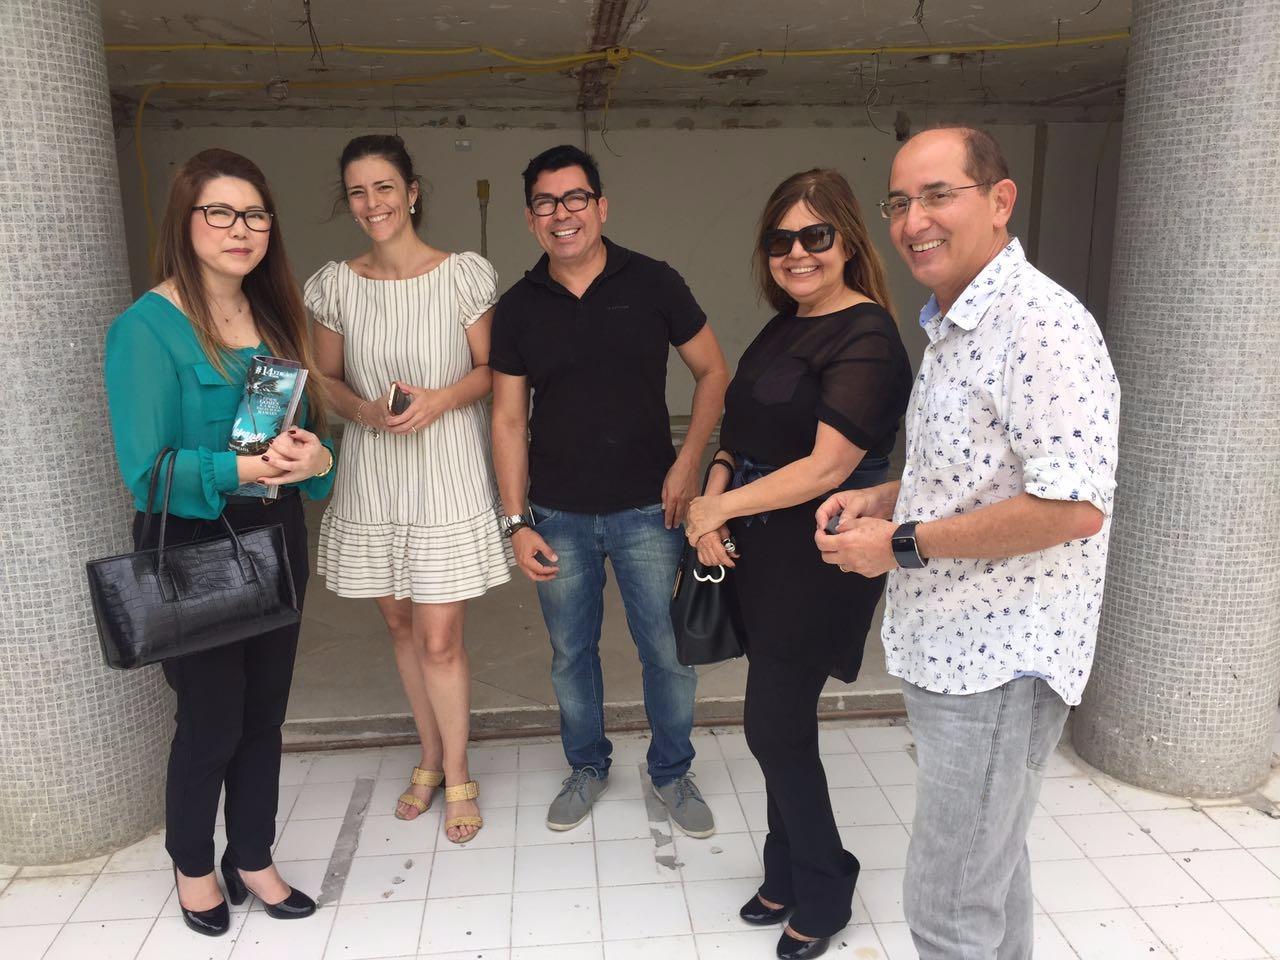 Ana Cristina Nakano, Michele Viana, Bethania Tejo e os franqueados Rocardo Castro e Cesar Revorêdo (1)